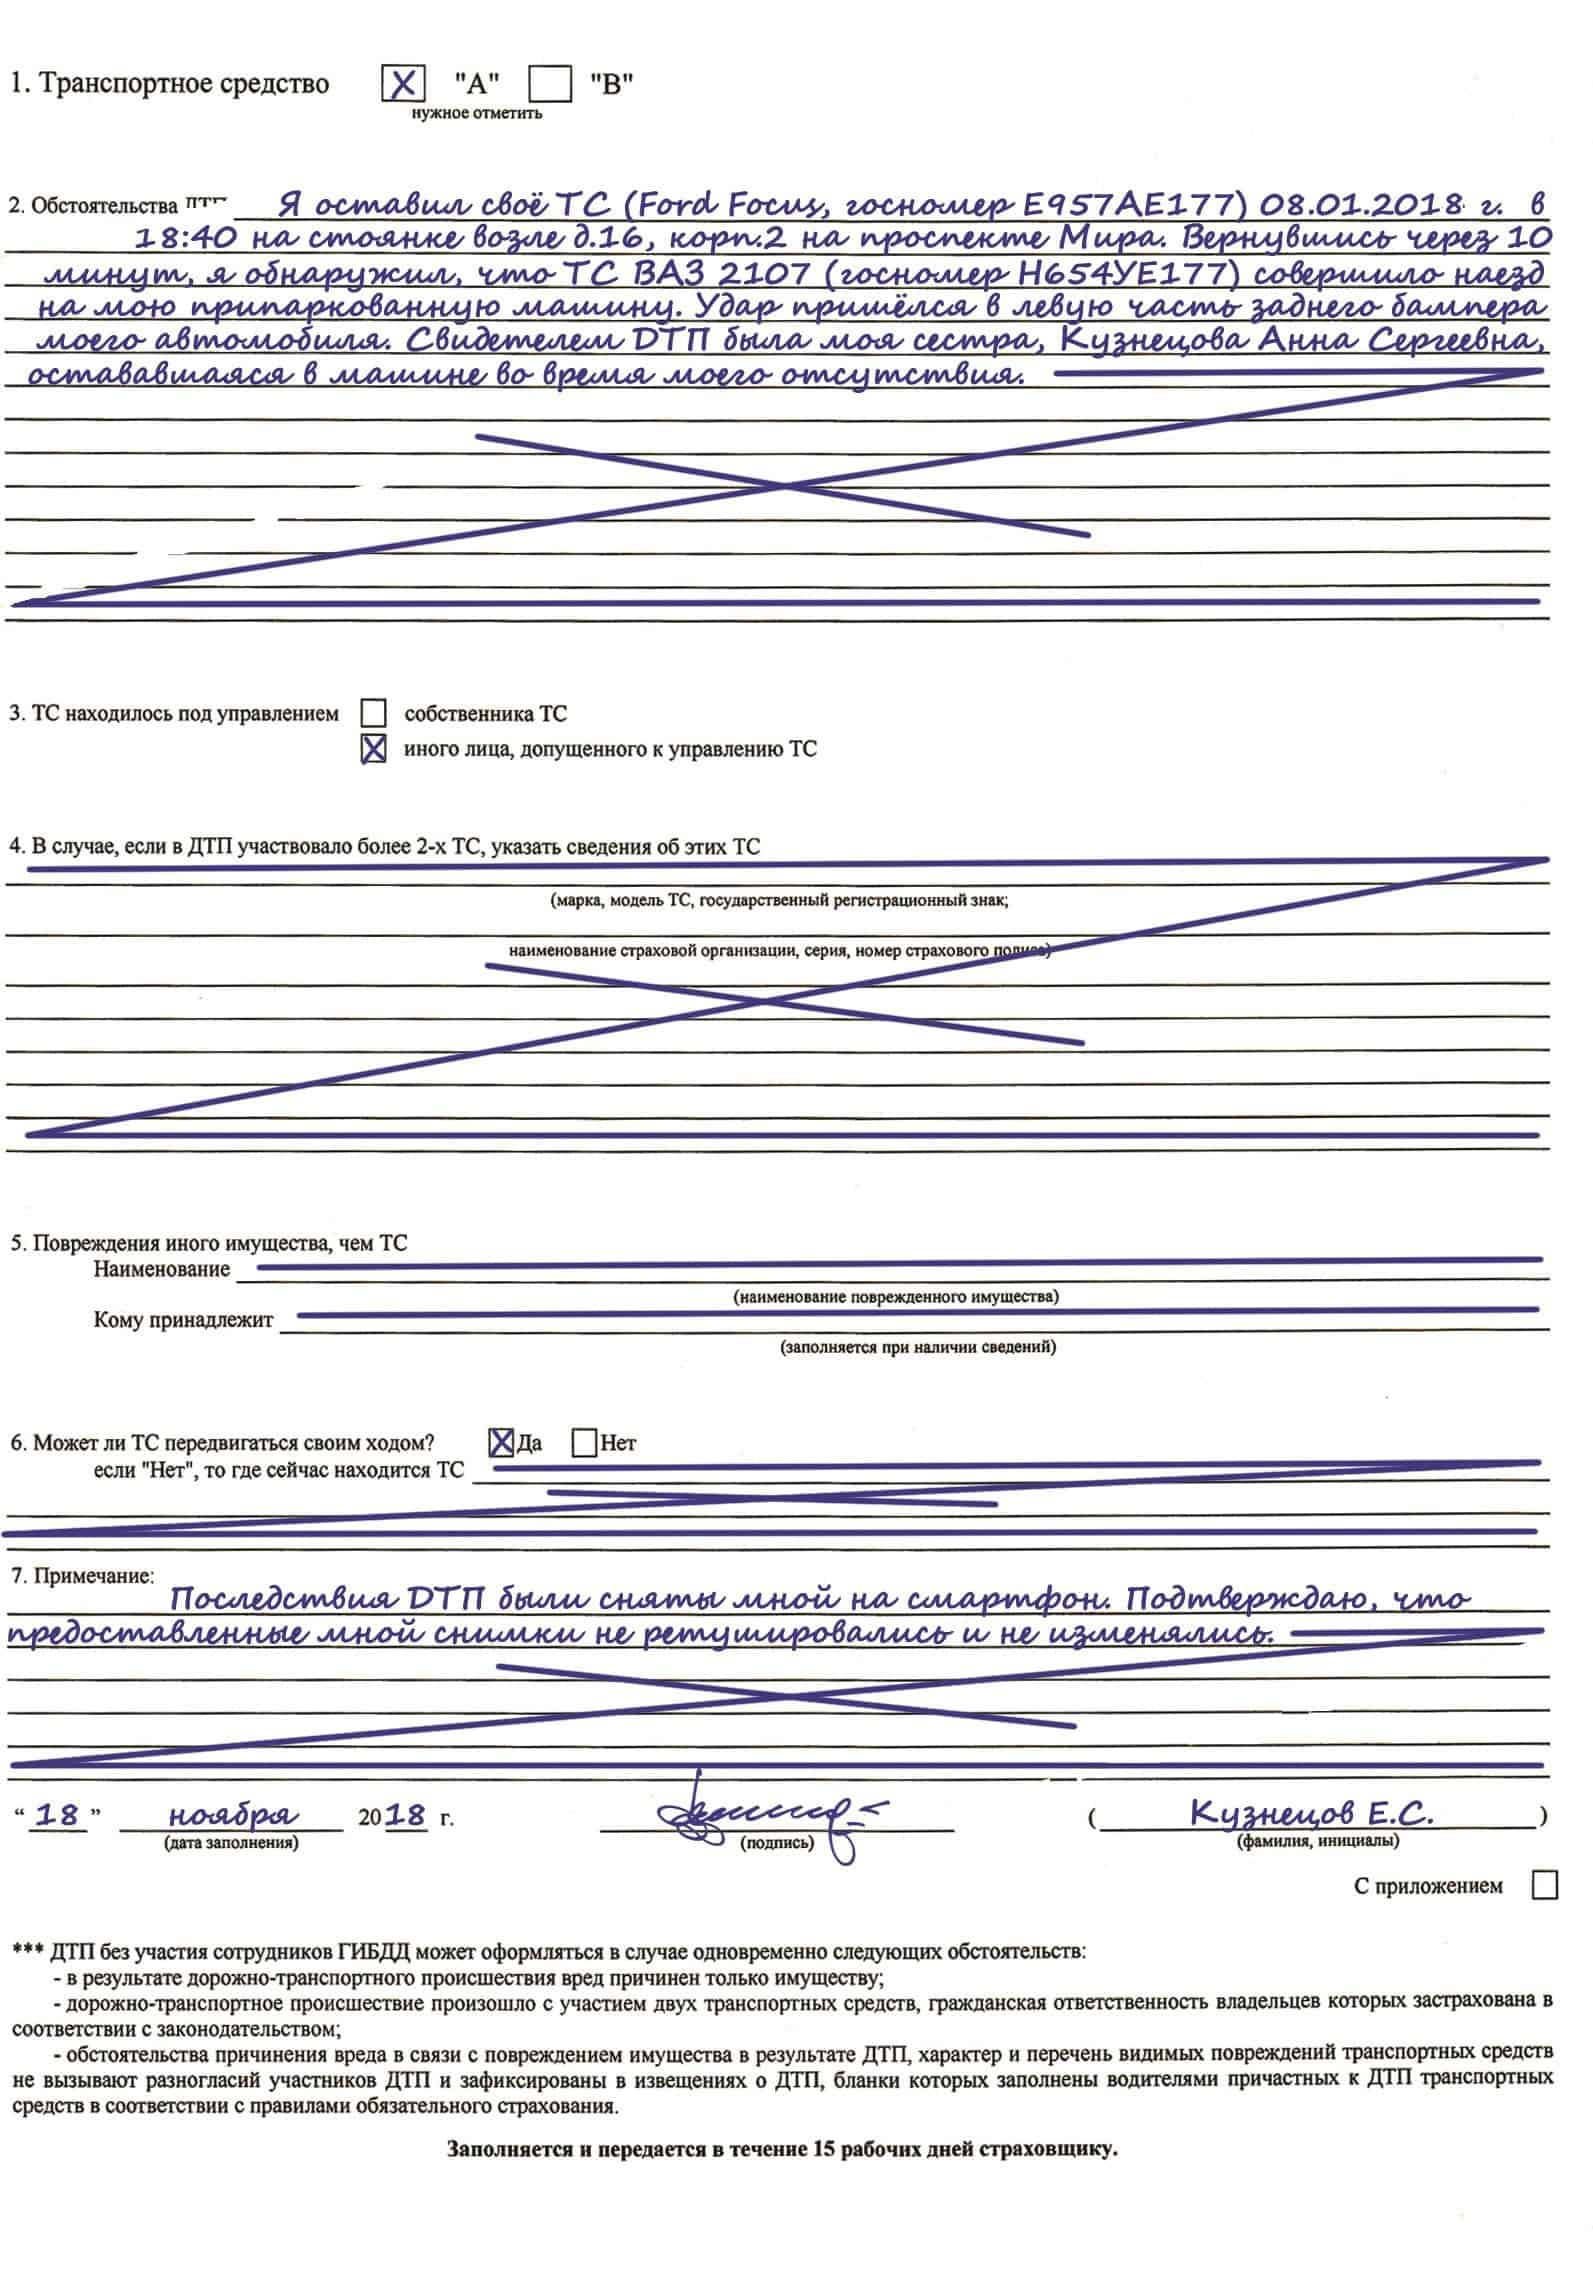 Страница 2 извещение о ДТП